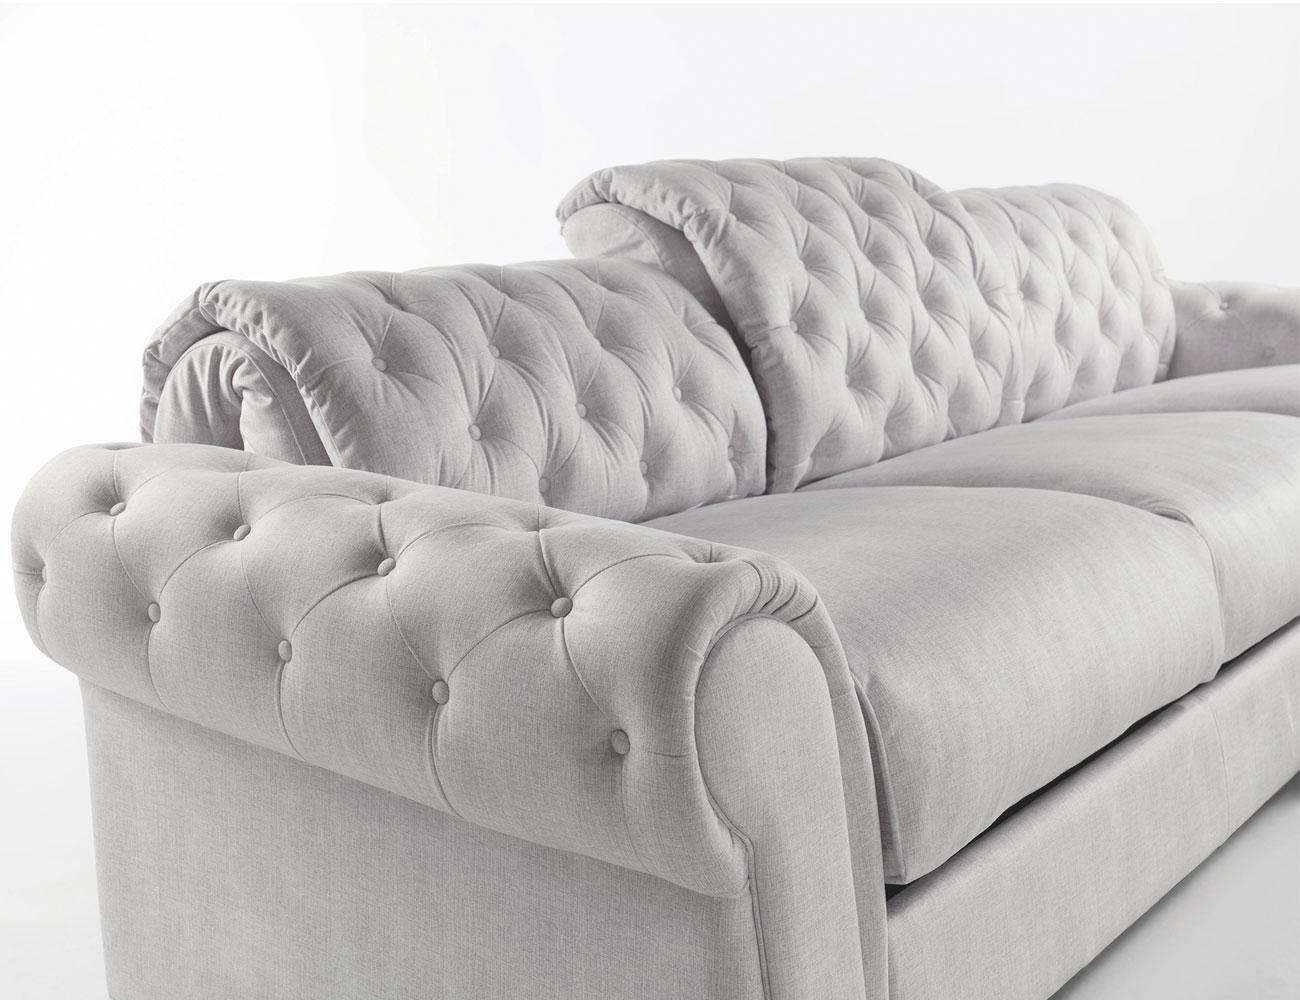 Sofa chaiselongue gran lujo decorativo capitone blanco tela 118